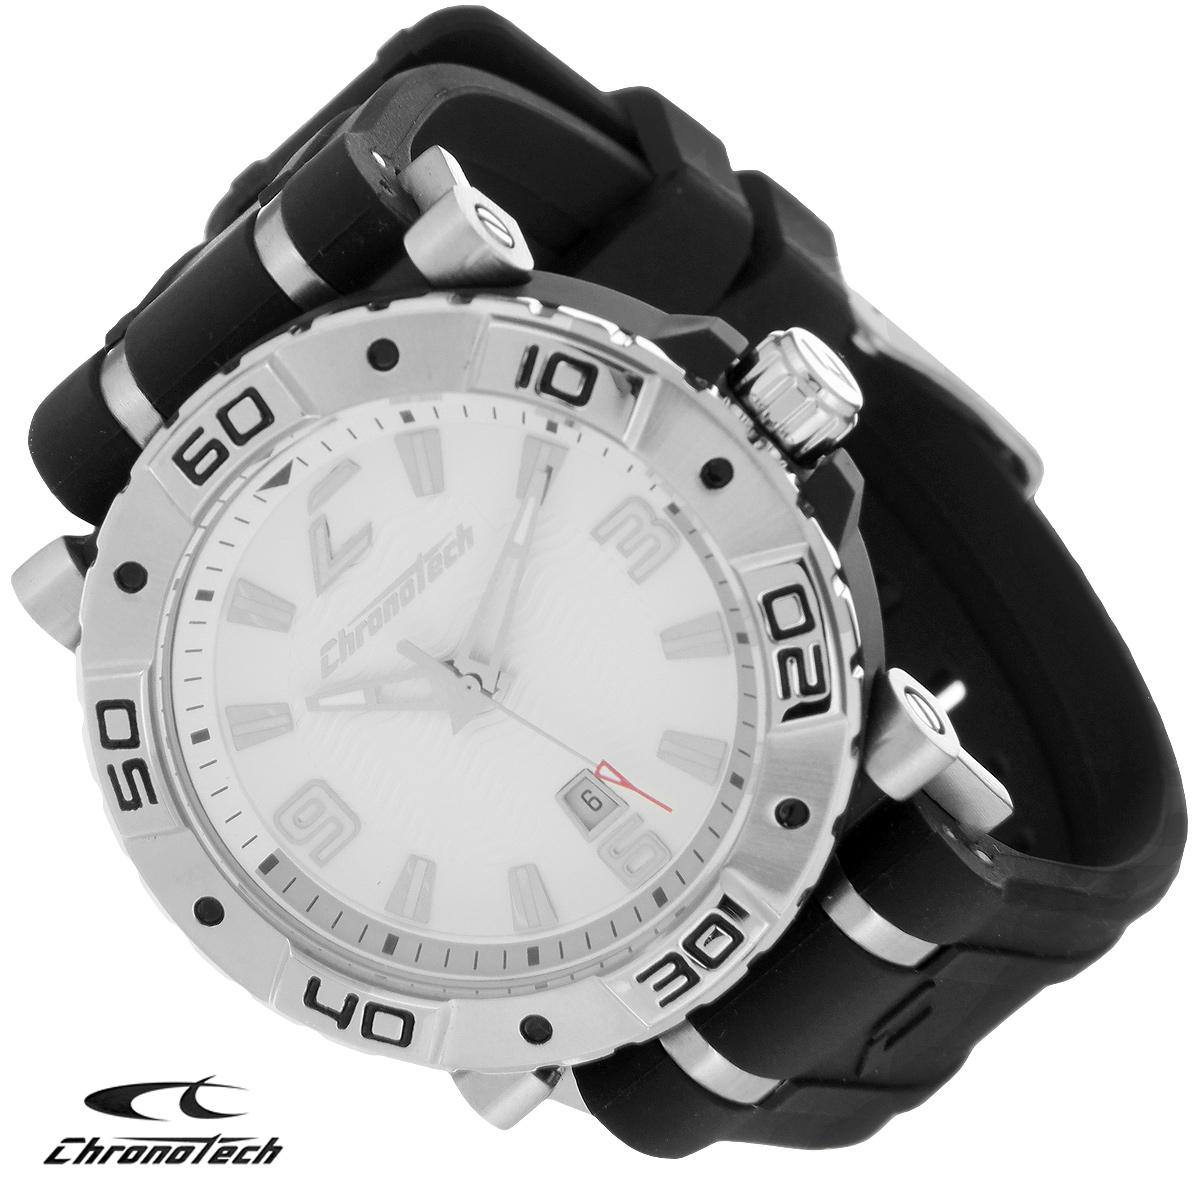 Часы мужские наручные Chronotech, цвет: черный, серебристый. RW0038EQW-M710DB-1A1Часы Chronotech - это часы для современных и стильных людей, которые стремятся выделиться из толпы и подчеркнуть свою индивидуальность. Корпус часов выполнен из нержавеющей стали. Циферблат оформлен отметками и арабскими цифрами и защищен минеральным стеклом. Часы имеют три стрелки - часовую, минутную и секундную. Стрелки и отметки светятся в темноте. Часы имеют индикатор даты. Ремешок часов выполнен из каучука и застегивается на классическую застежку. Часы упакованы в фирменную коробку с логотипом компании Chronotech. Такой аксессуар добавит вашему образу стиля и подчеркнет безупречный вкус своего владельца.Характеристики: Диаметр циферблата: 3,4 см.Размер корпуса: 4,4 см х 4 см х 1 см.Длина ремешка (с корпусом): 24,5 см.Ширина ремешка: 2,5 см.